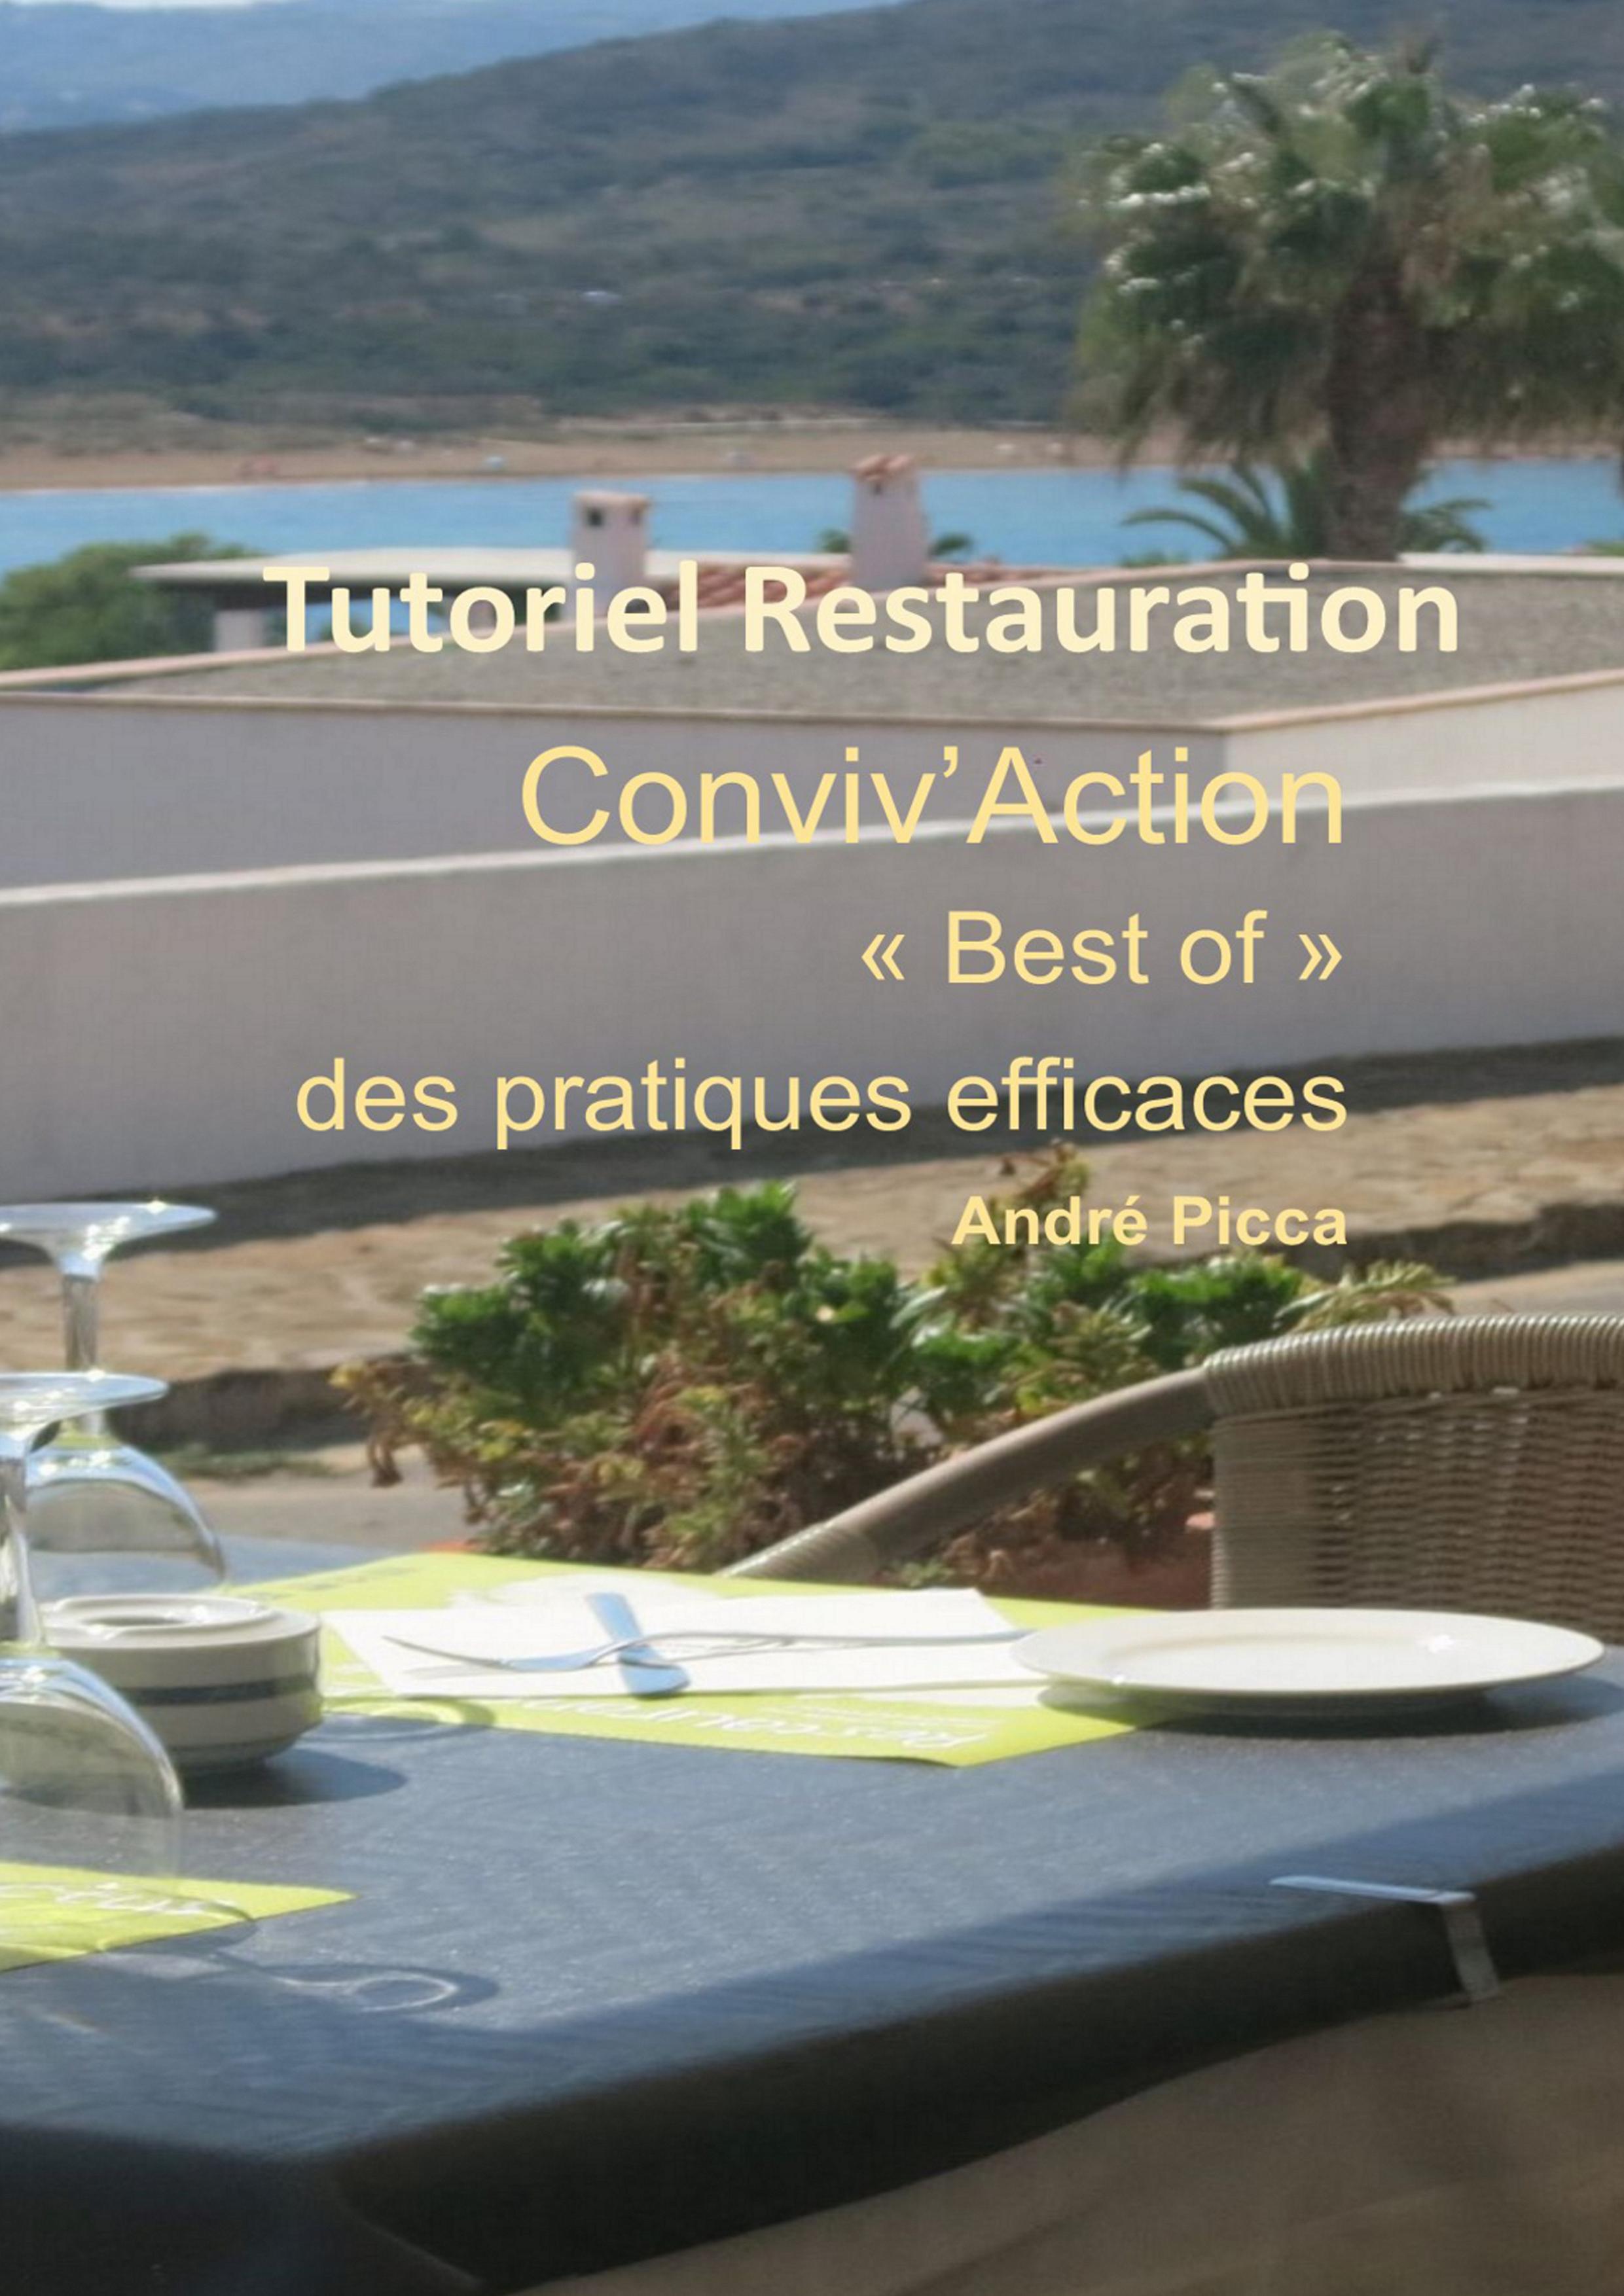 Conviv'Action, Best of des pratiques